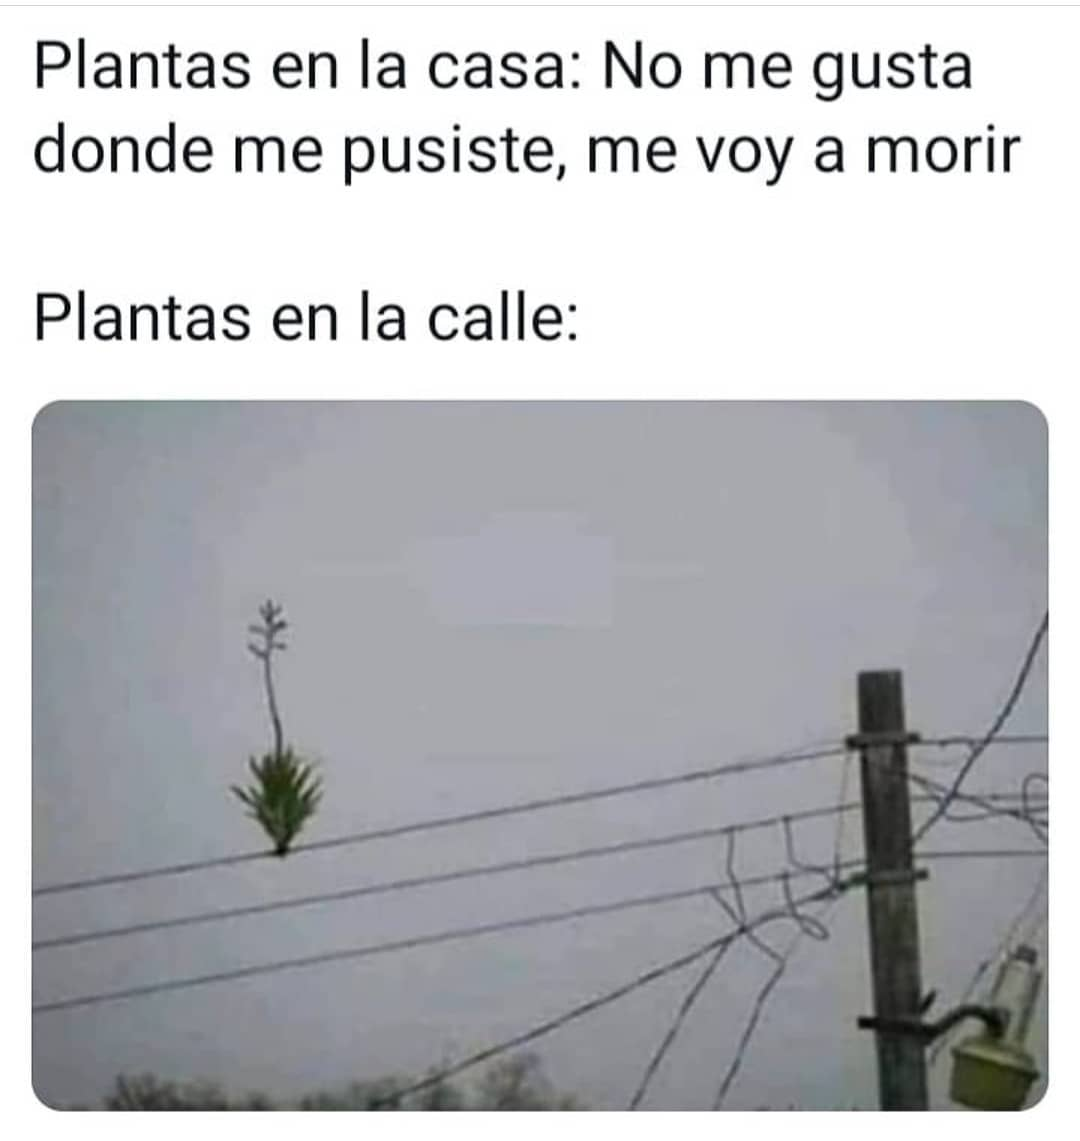 Plantas en la casa: No me gusta donde me pusiste, me voy a morir. Plantas en la calle: